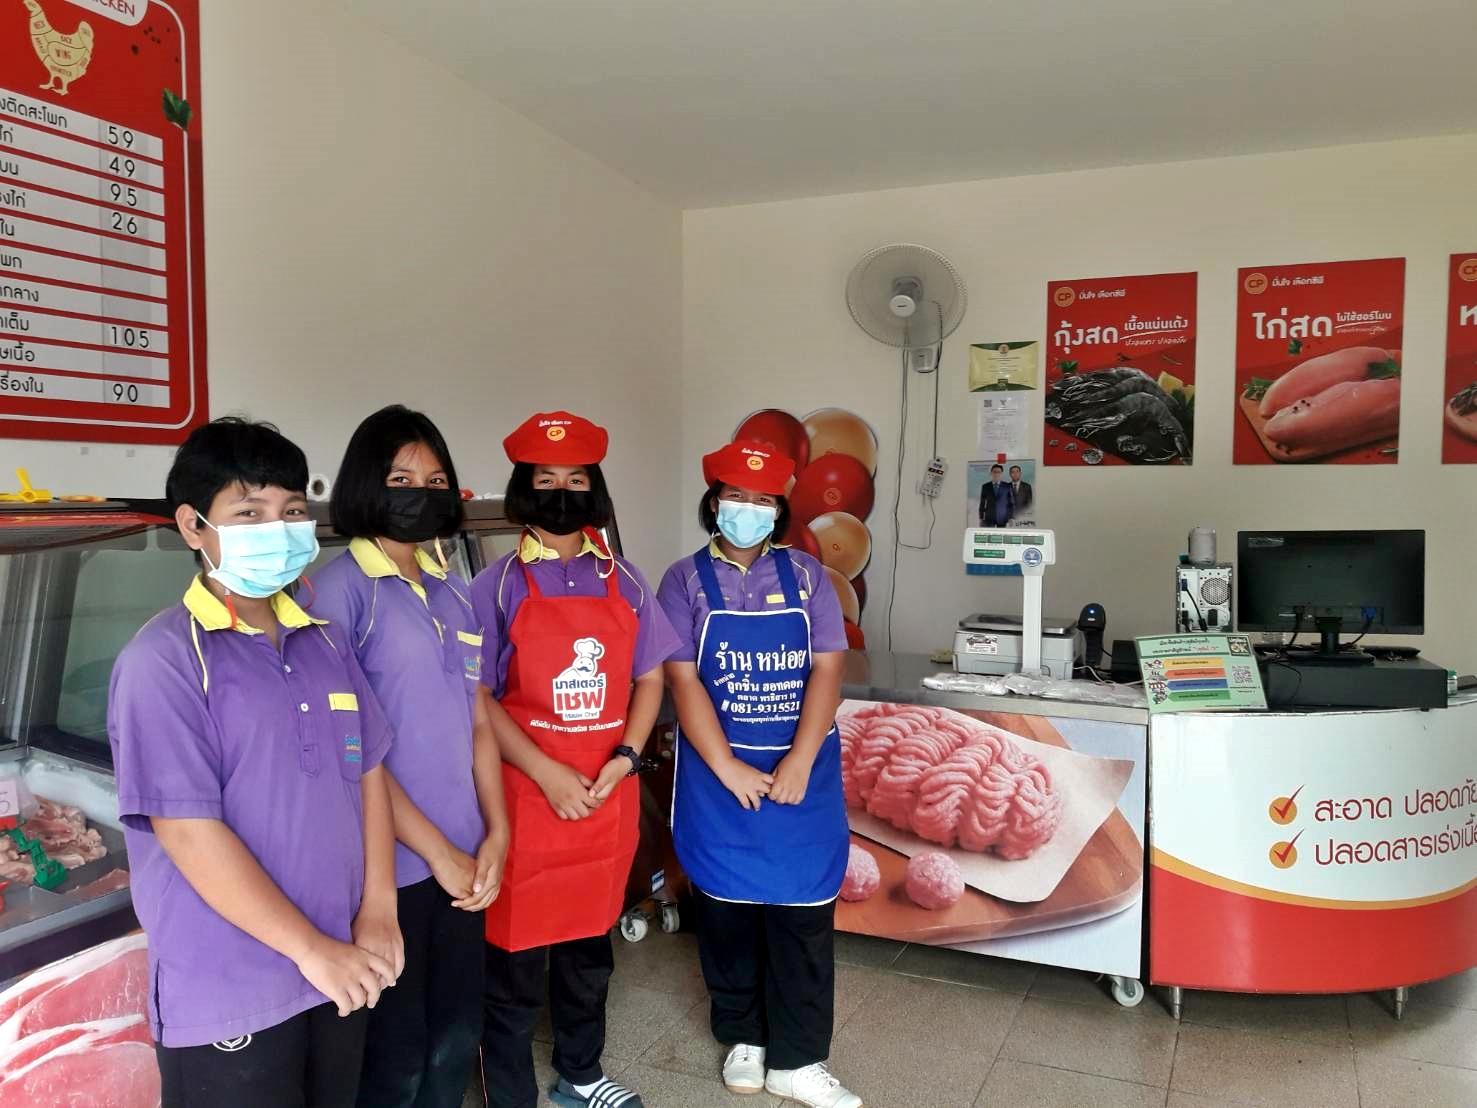 """""""ร้านอิ่มสุข ปลูกอนาคต"""" โรงเรียนบ้านกระเทียม สร้างความมั่นคงทางอาหารจากโรงเรียน สู่ชุมชน"""